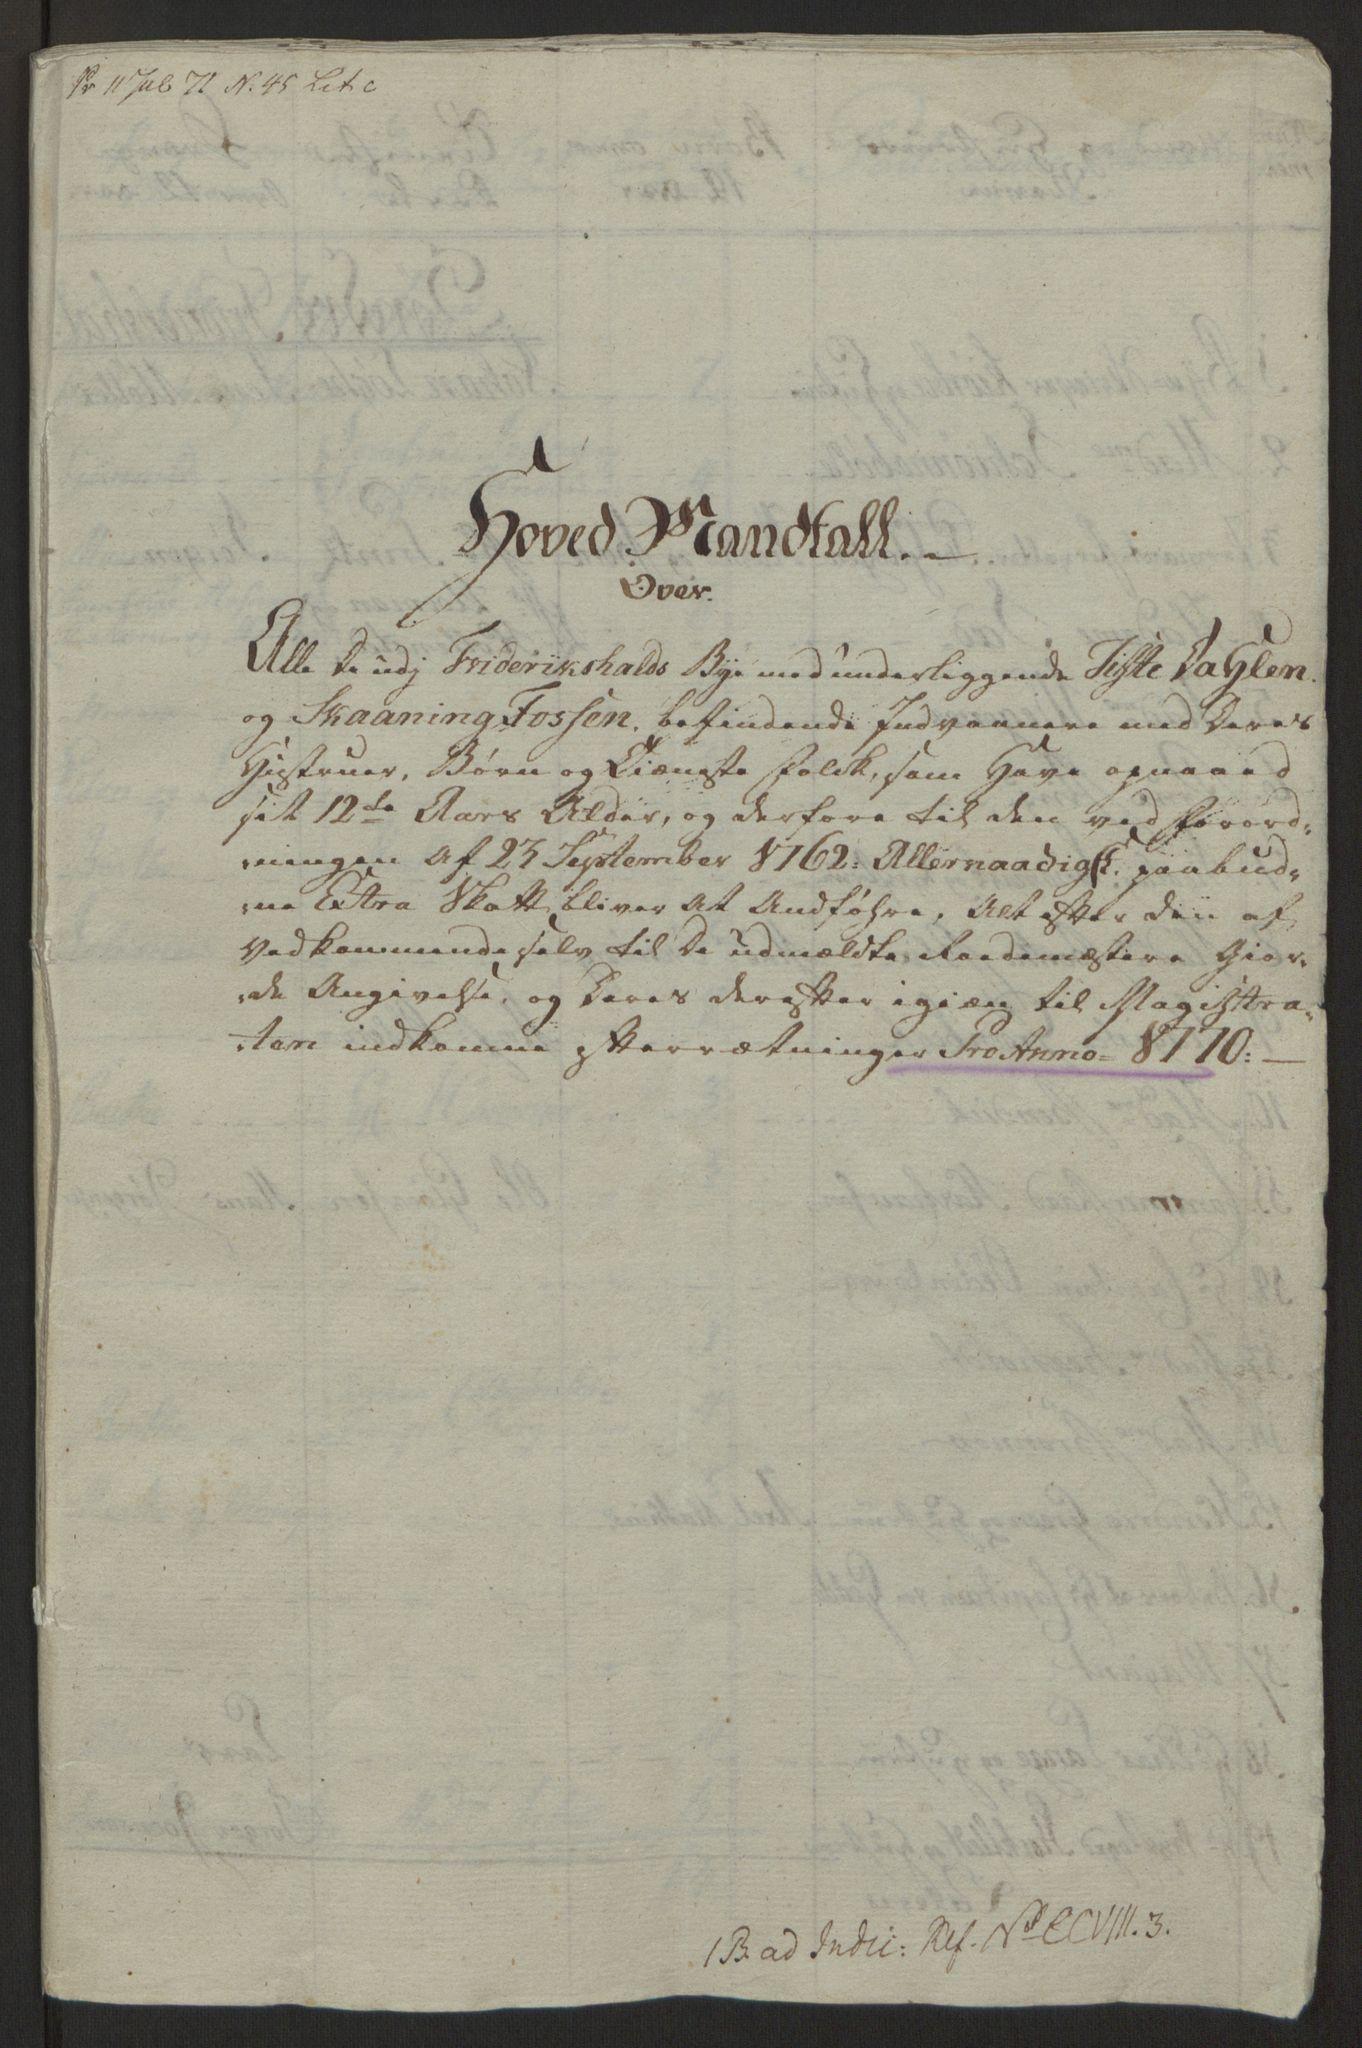 RA, Rentekammeret inntil 1814, Reviderte regnskaper, Byregnskaper, R/Ra/L0006: [A4] Kontribusjonsregnskap, 1762-1772, s. 168